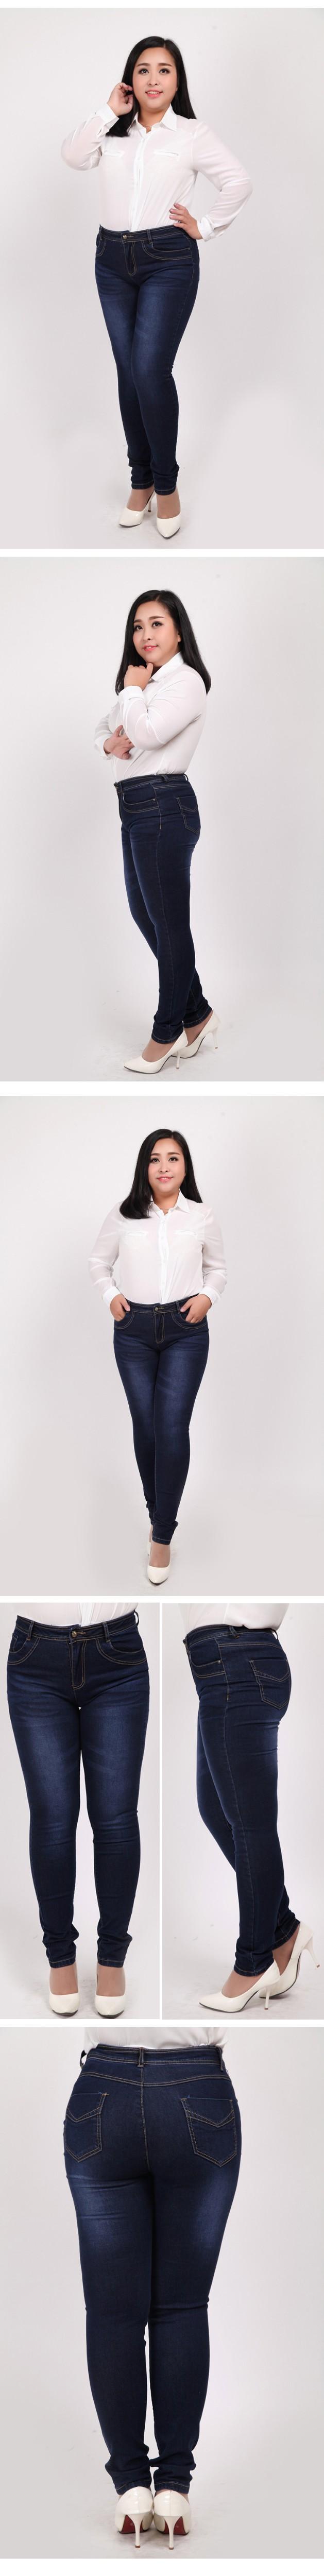 Blue color casual denim pants big size 3